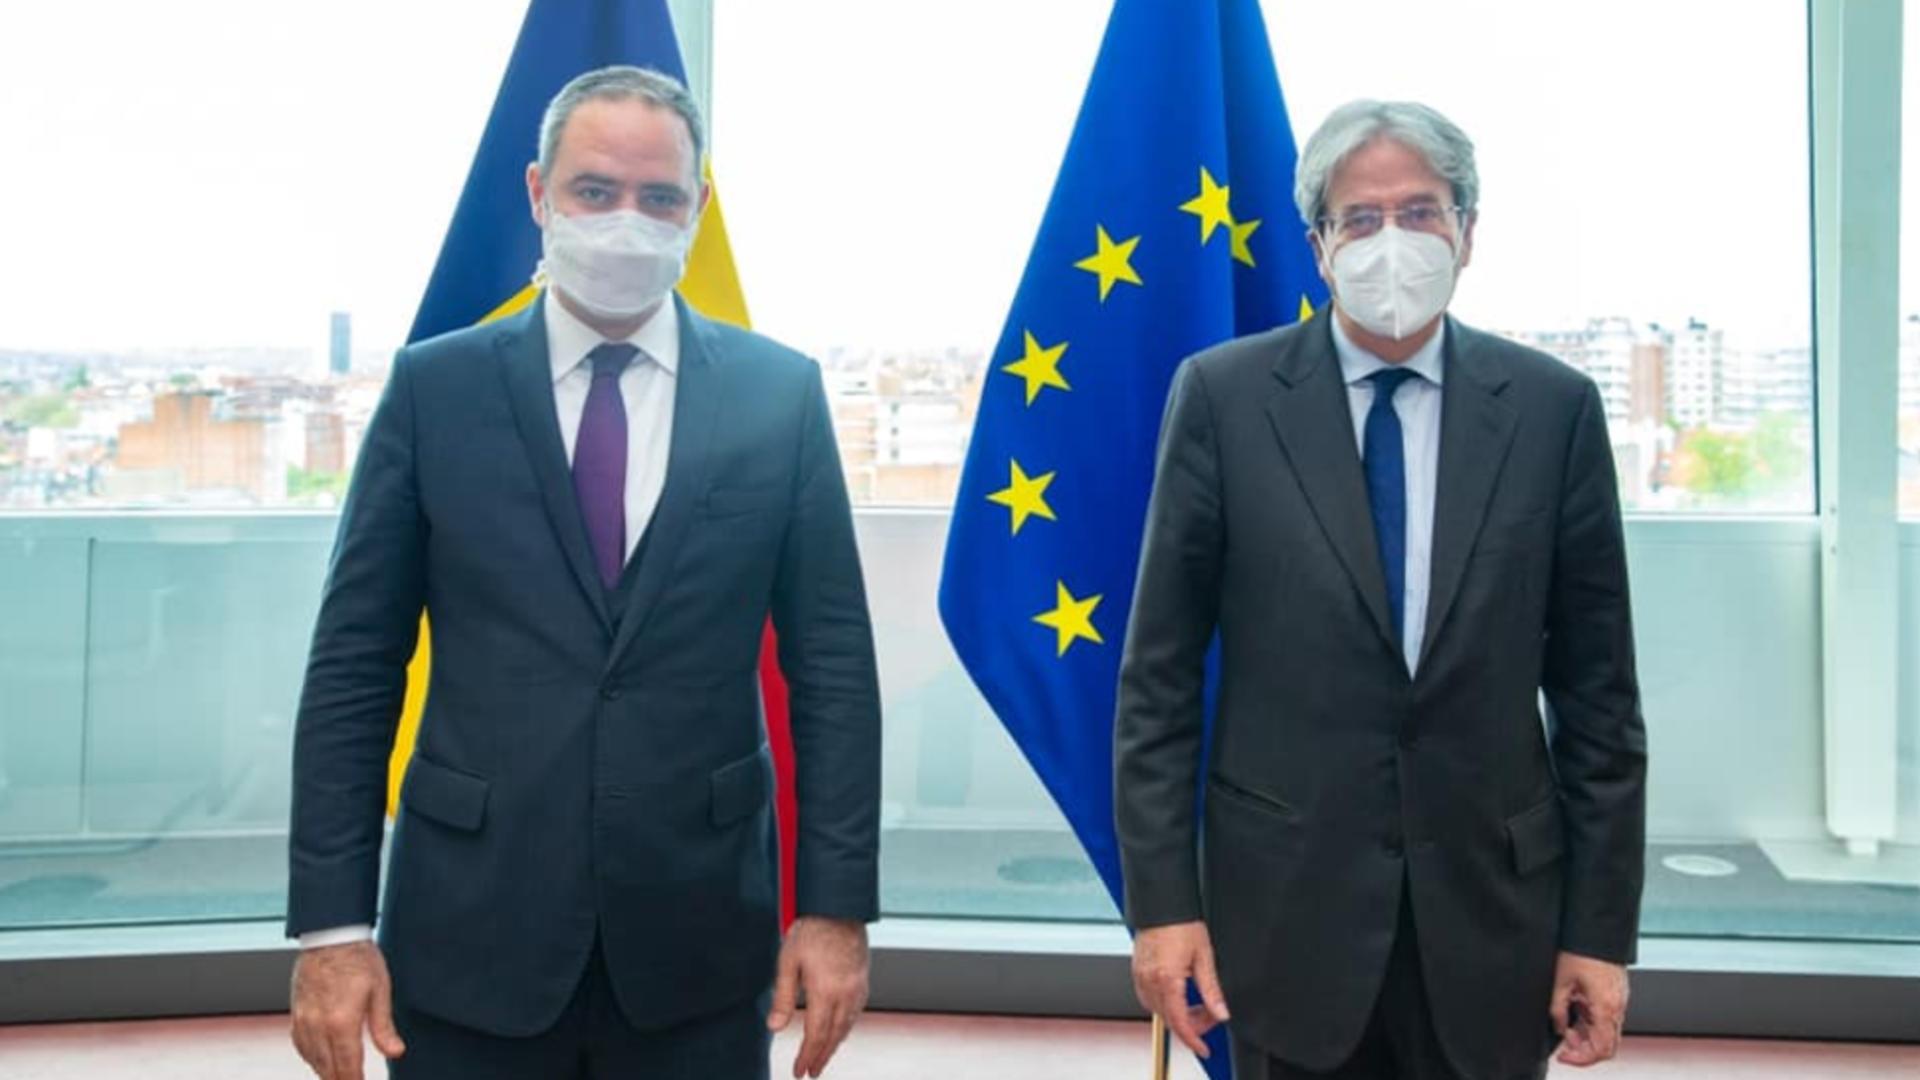 Ministrul Alexandru Nazare, despre bugetul României după întâlnirea cu comisarul european pentru economie Foto: Facebook.com